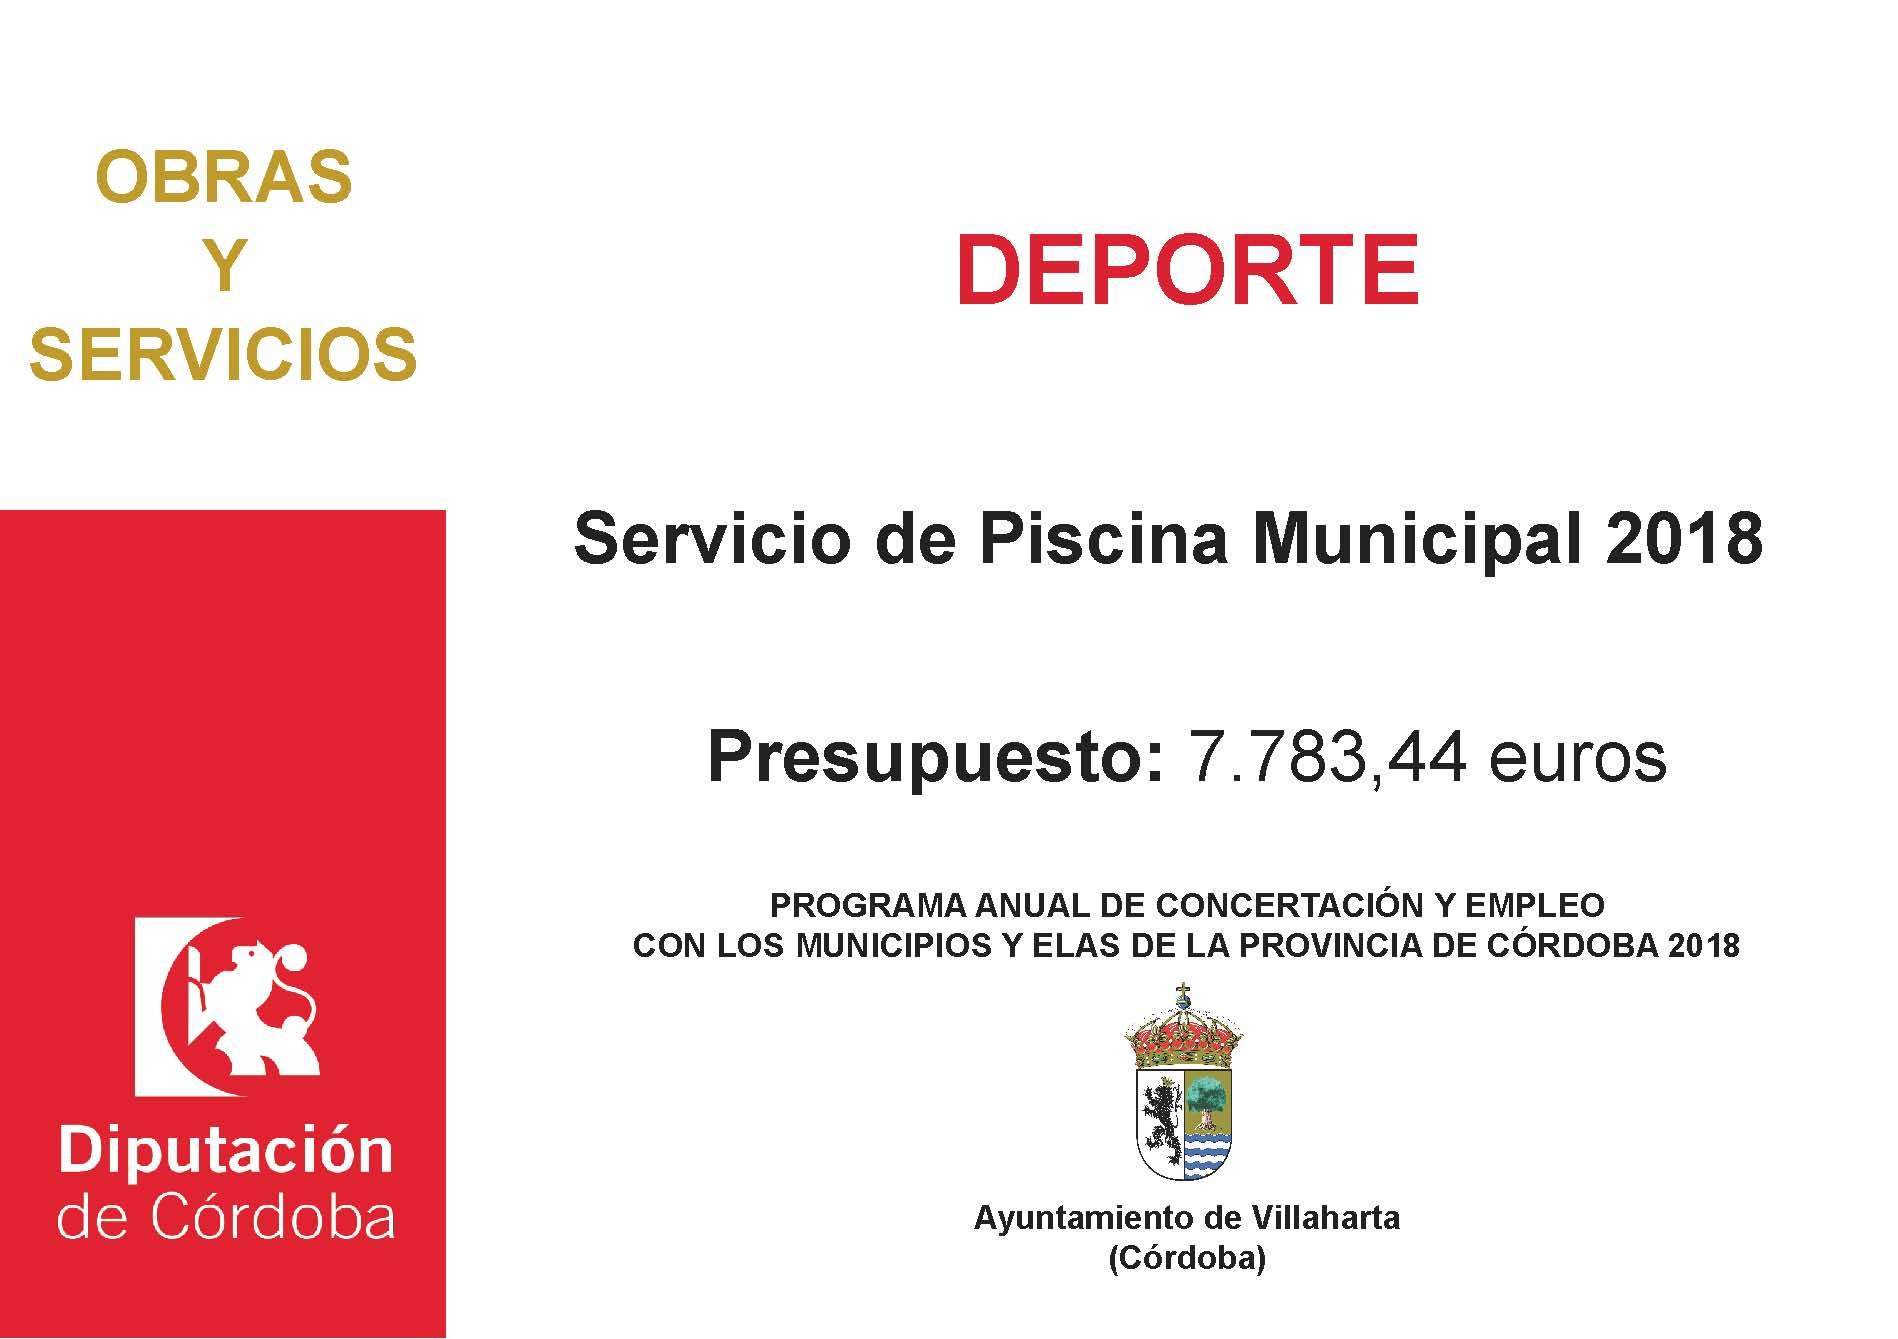 SUBVENCIONES RECIBIDAS. 2018 7